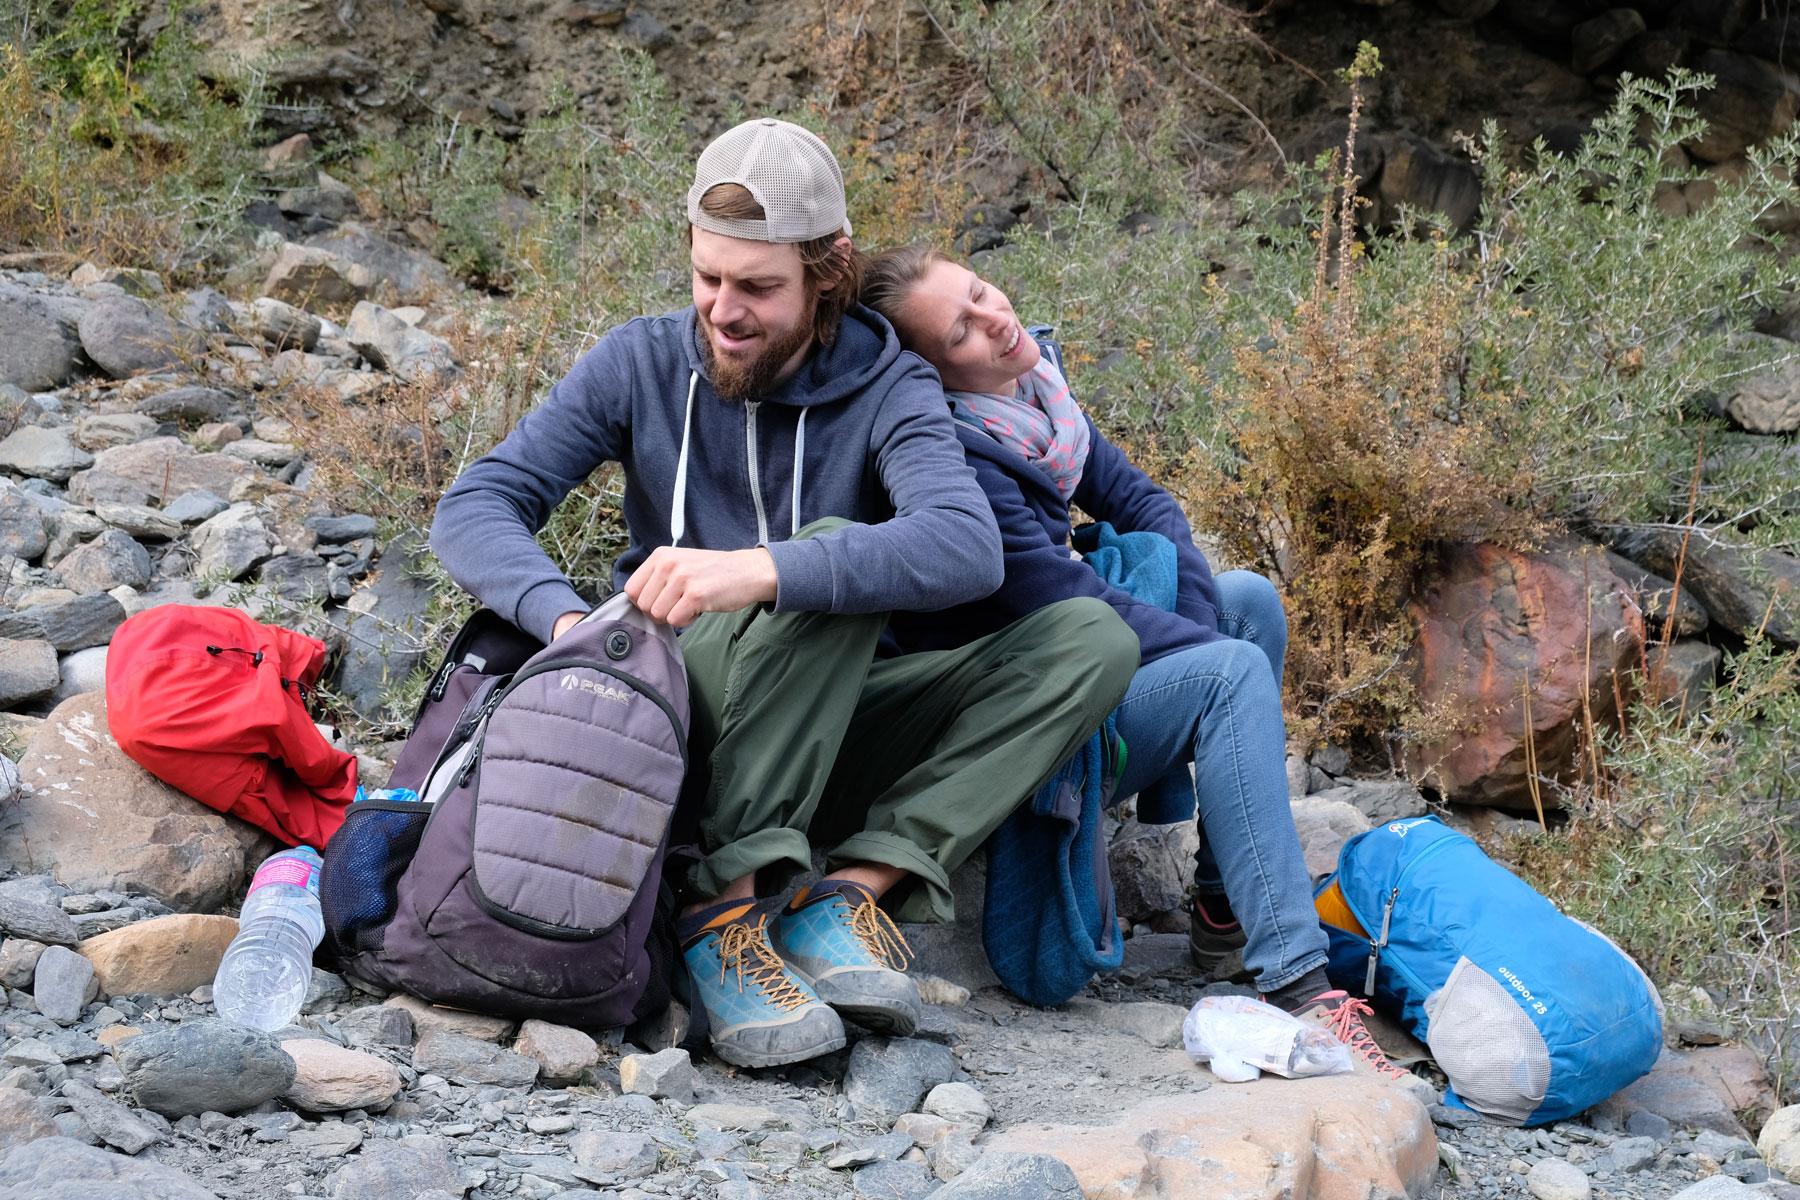 Sebastian und Leo sitzen auf Steinen und hole etwas aus einem Rucksack.